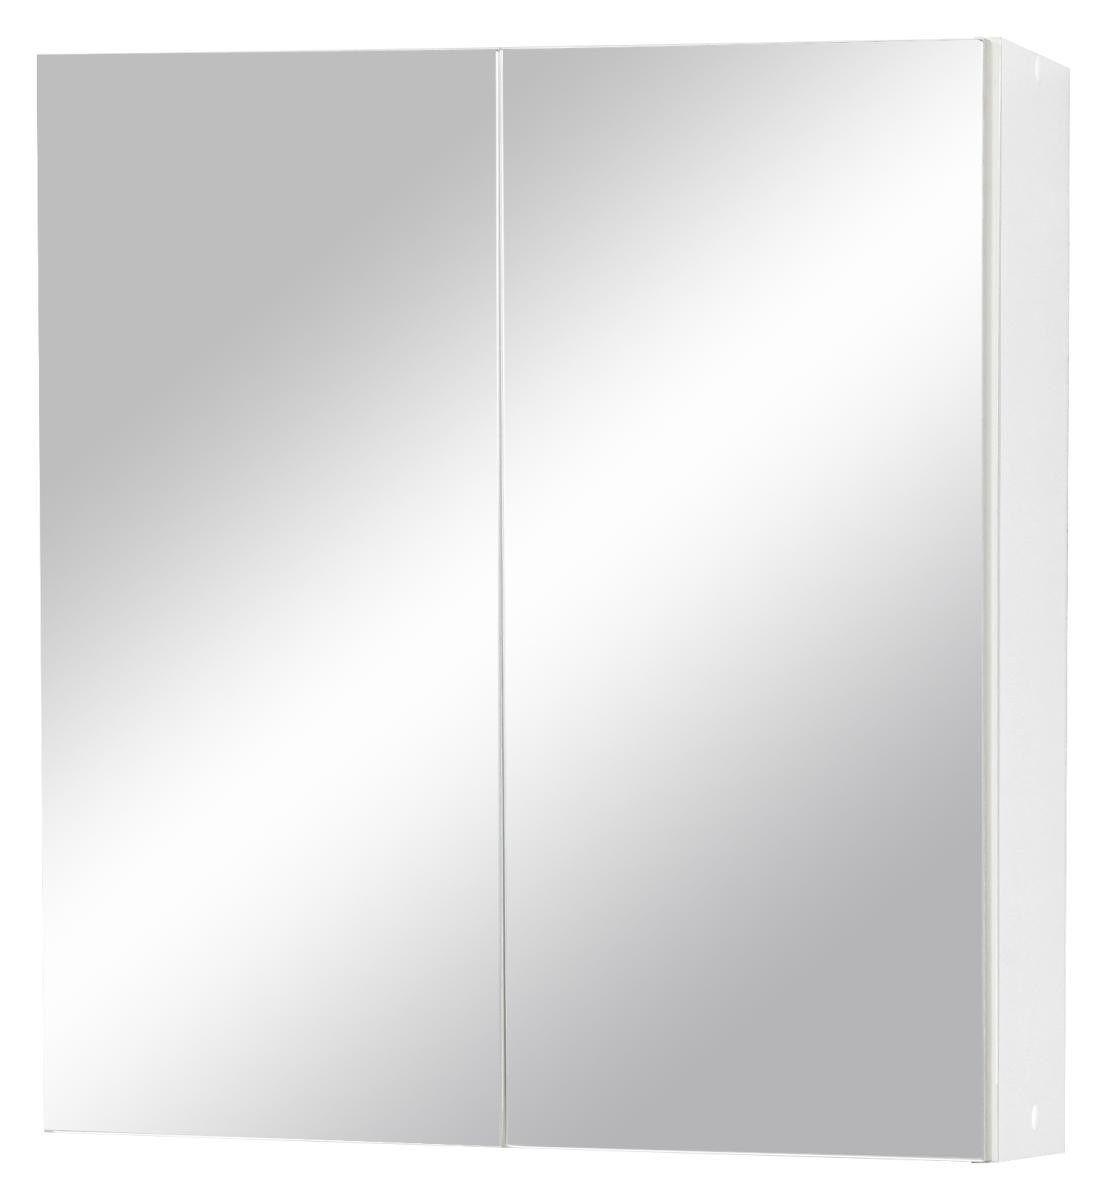 Toom Baumarkt Badezimmer Spiegelschrank Badezimmer